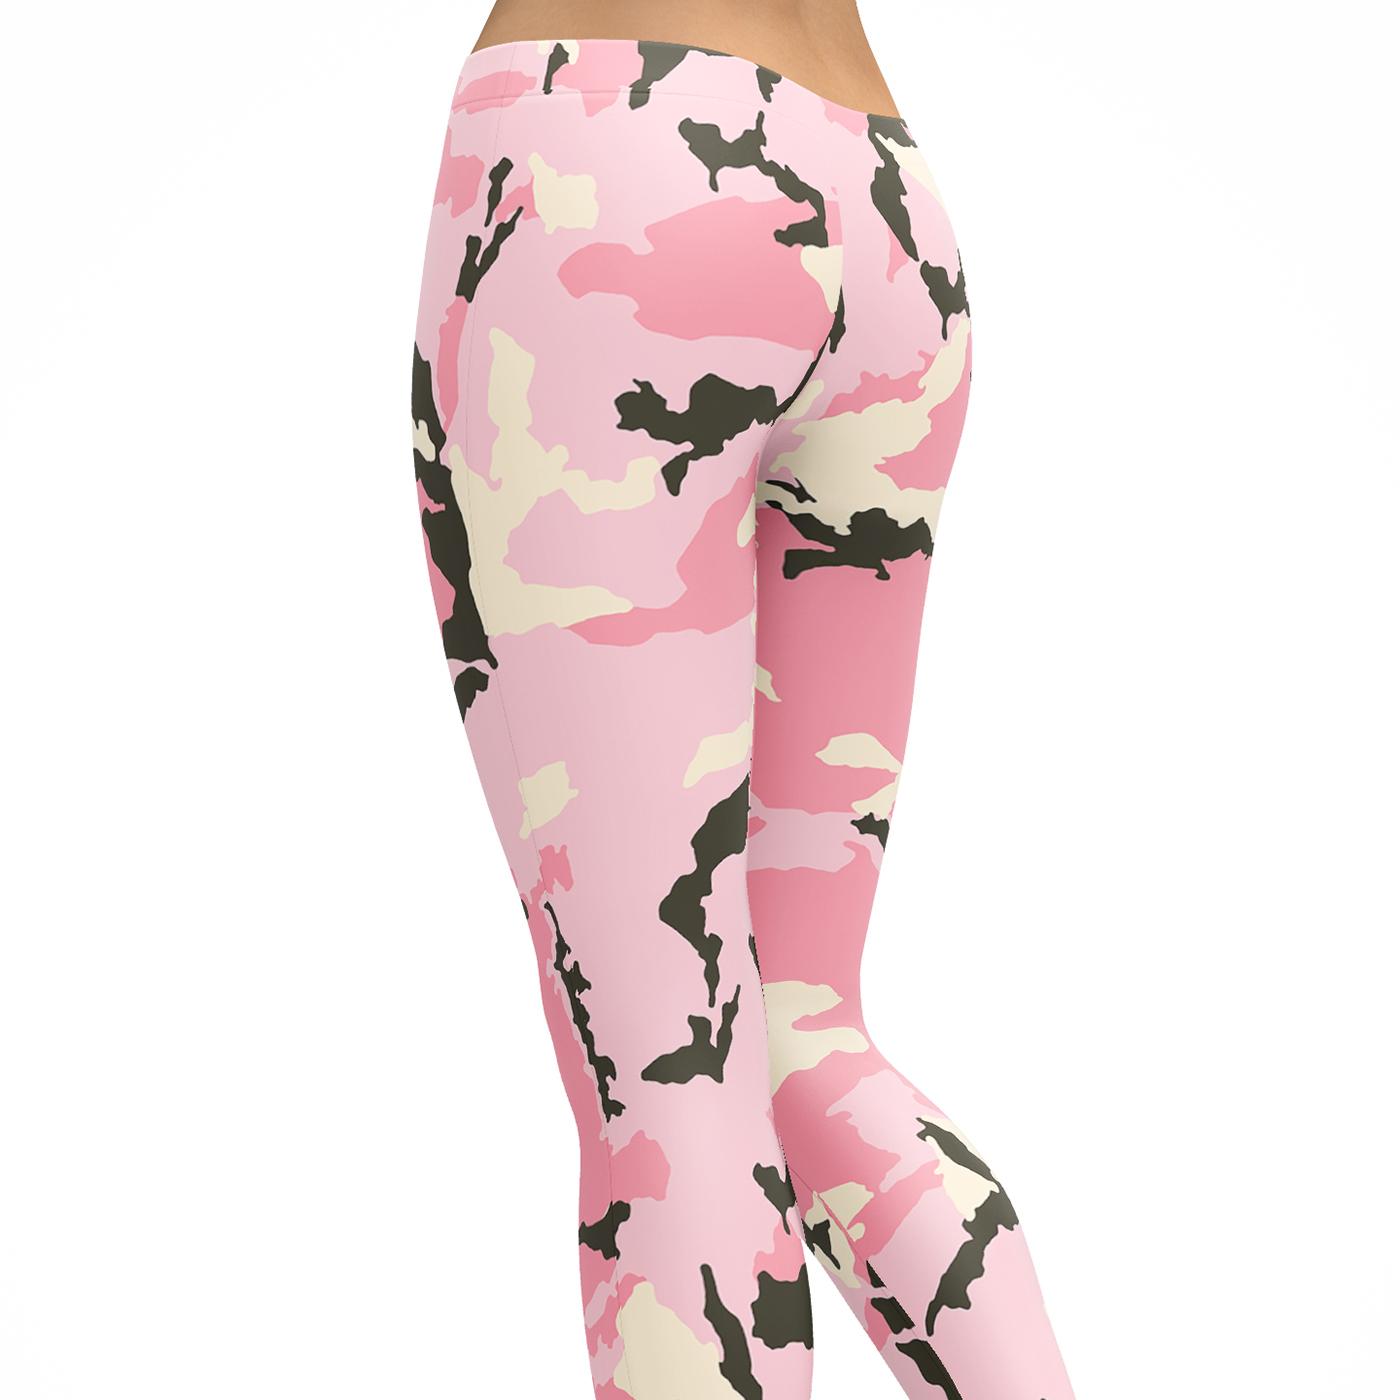 dcd5a75643b17 Premium Women's Leggings Multicam Camouflage Leggings Camo Leggings ...